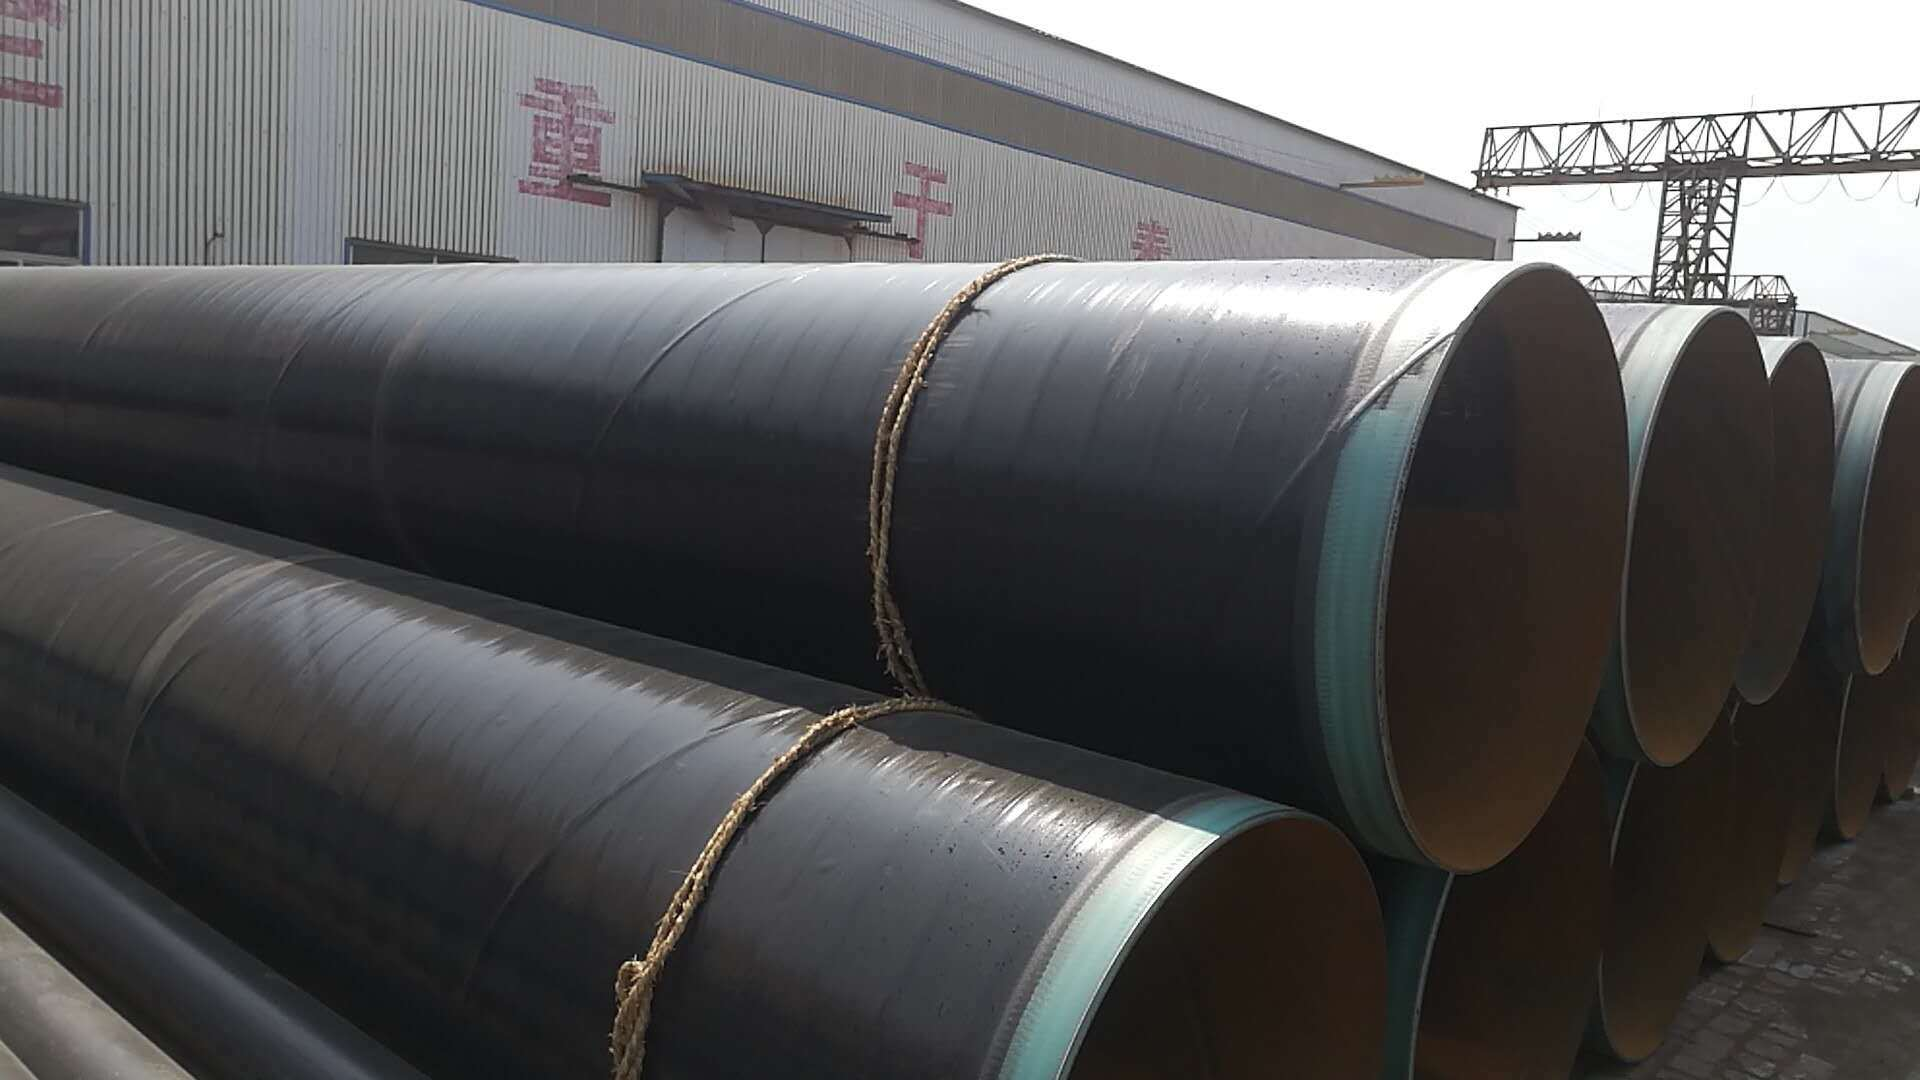 螺旋钢管 桥梁打桩用厚壁螺旋钢管 螺旋钢管一米价格 螺旋钢管价格  螺旋钢管厂家示例图13